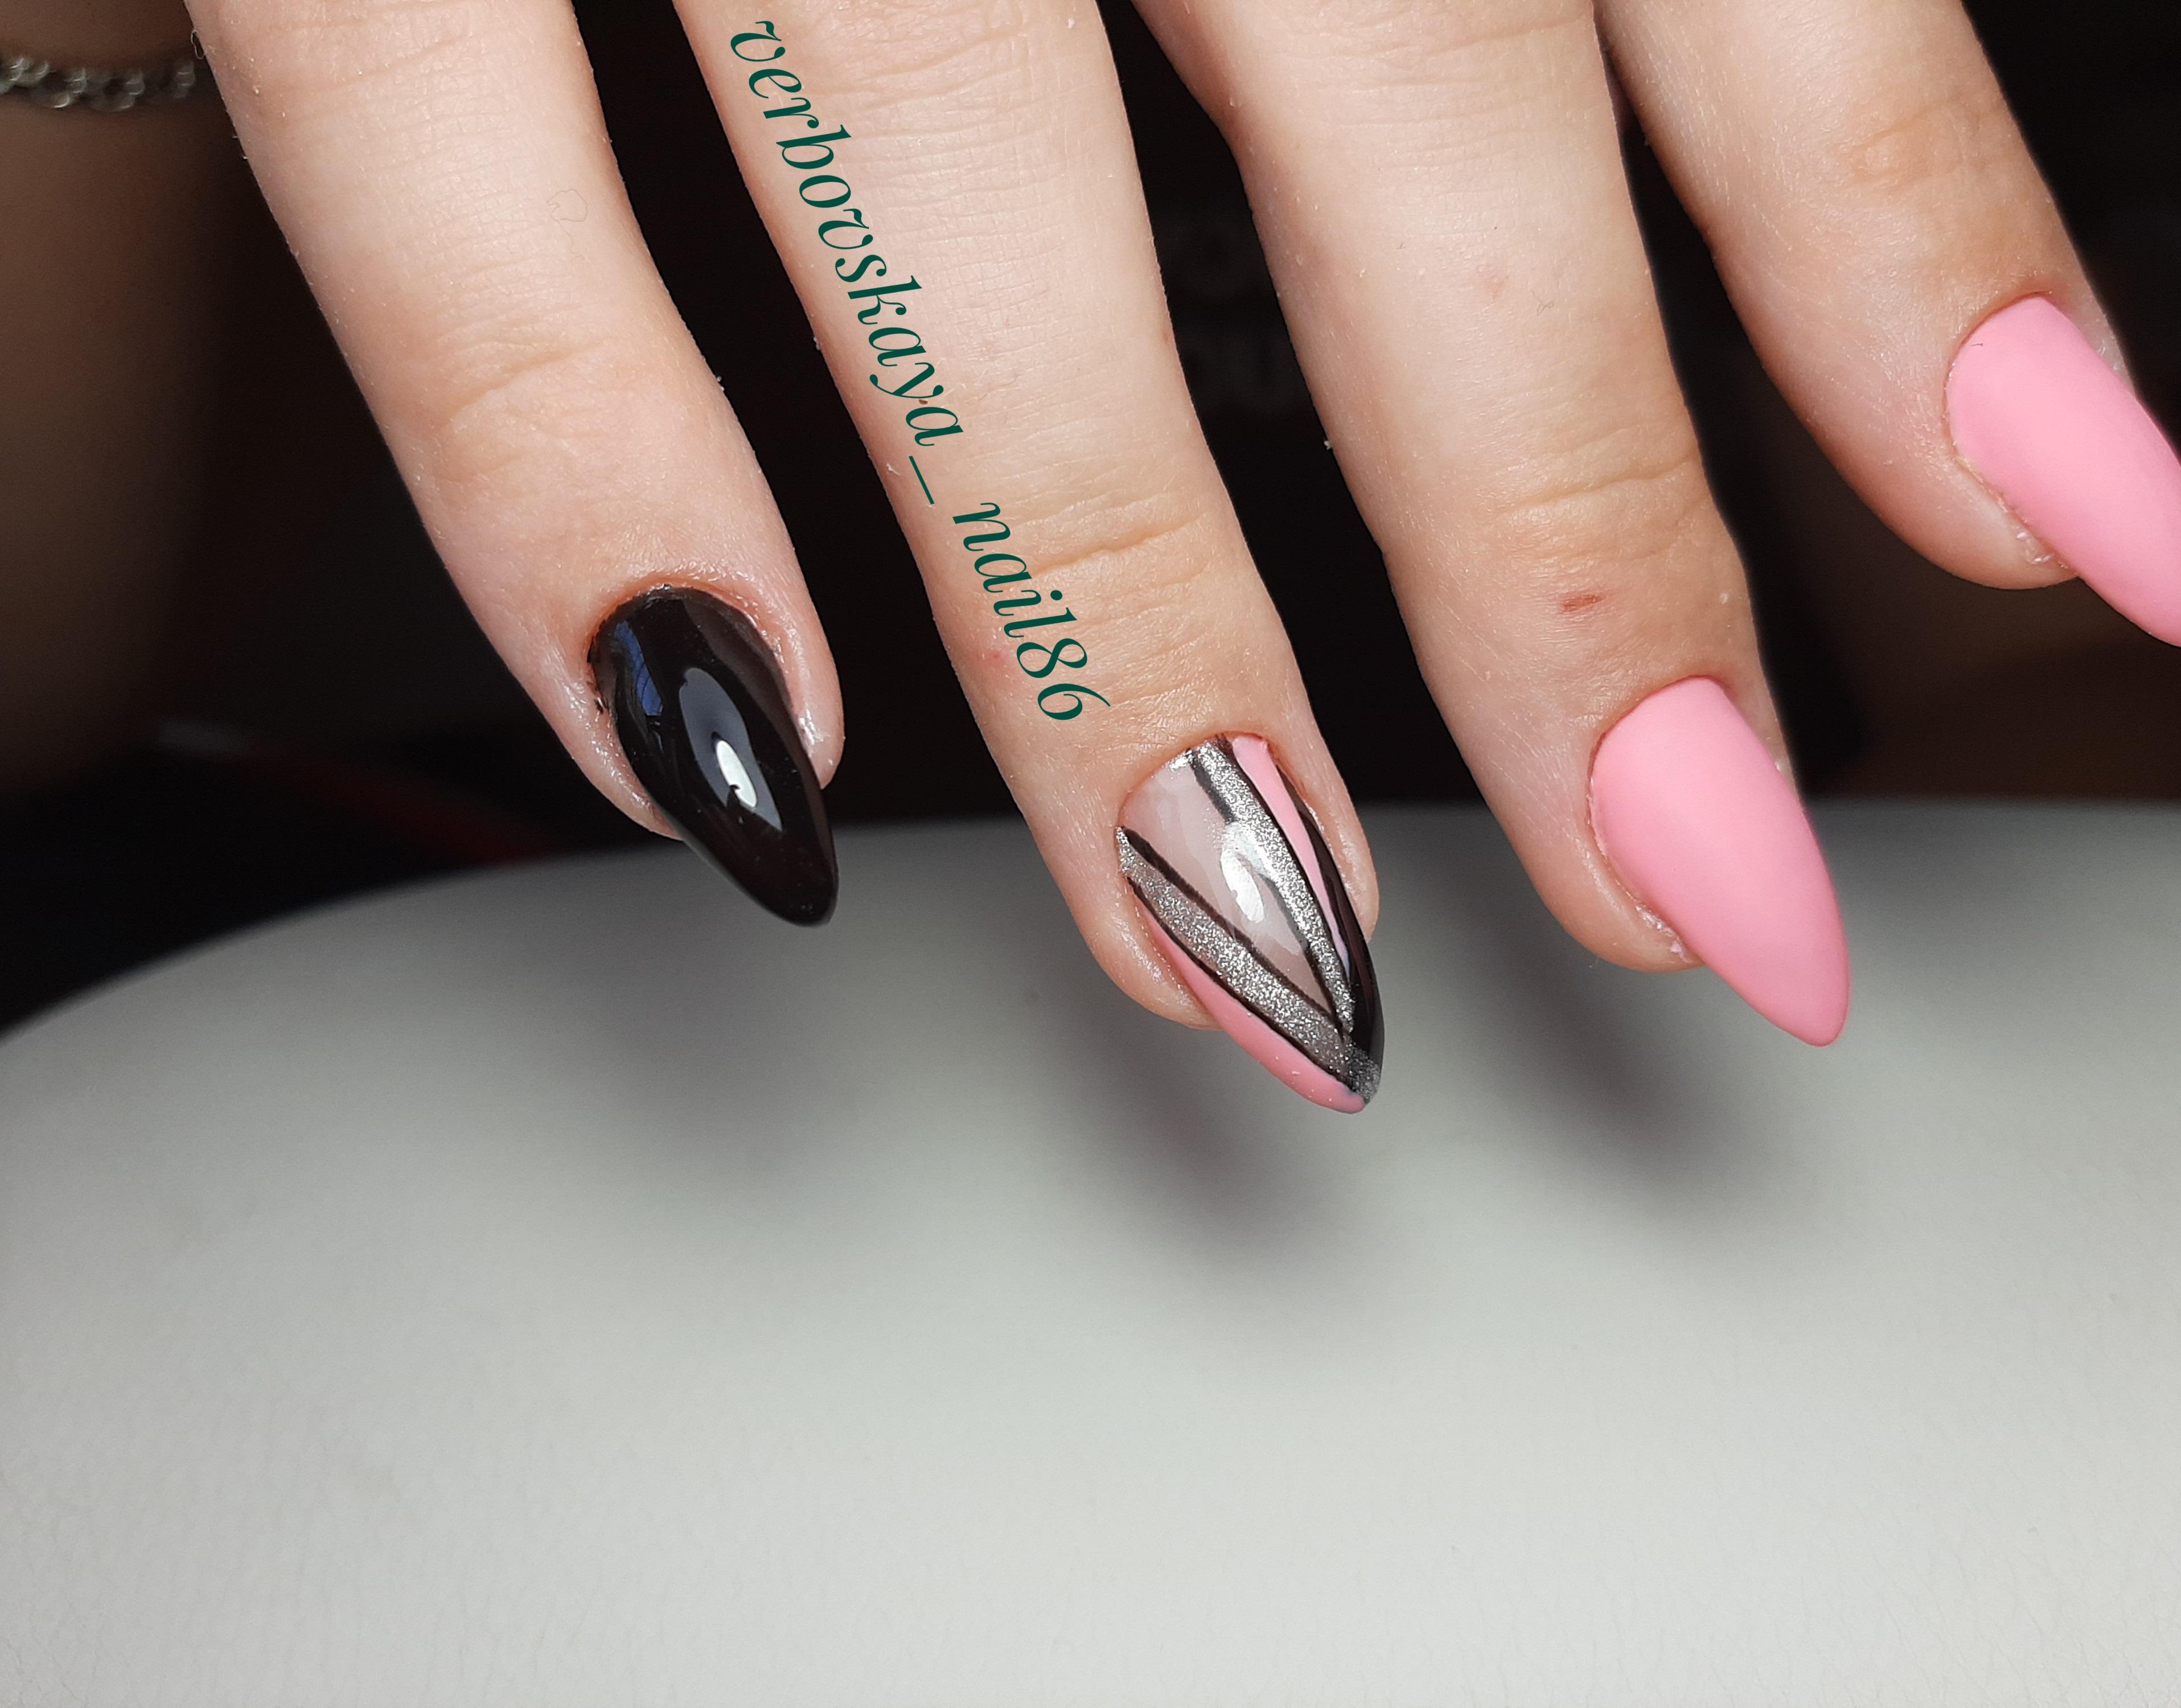 Геометрический маникюр с серебряными блестками в розовом цвете на длинные ногти.